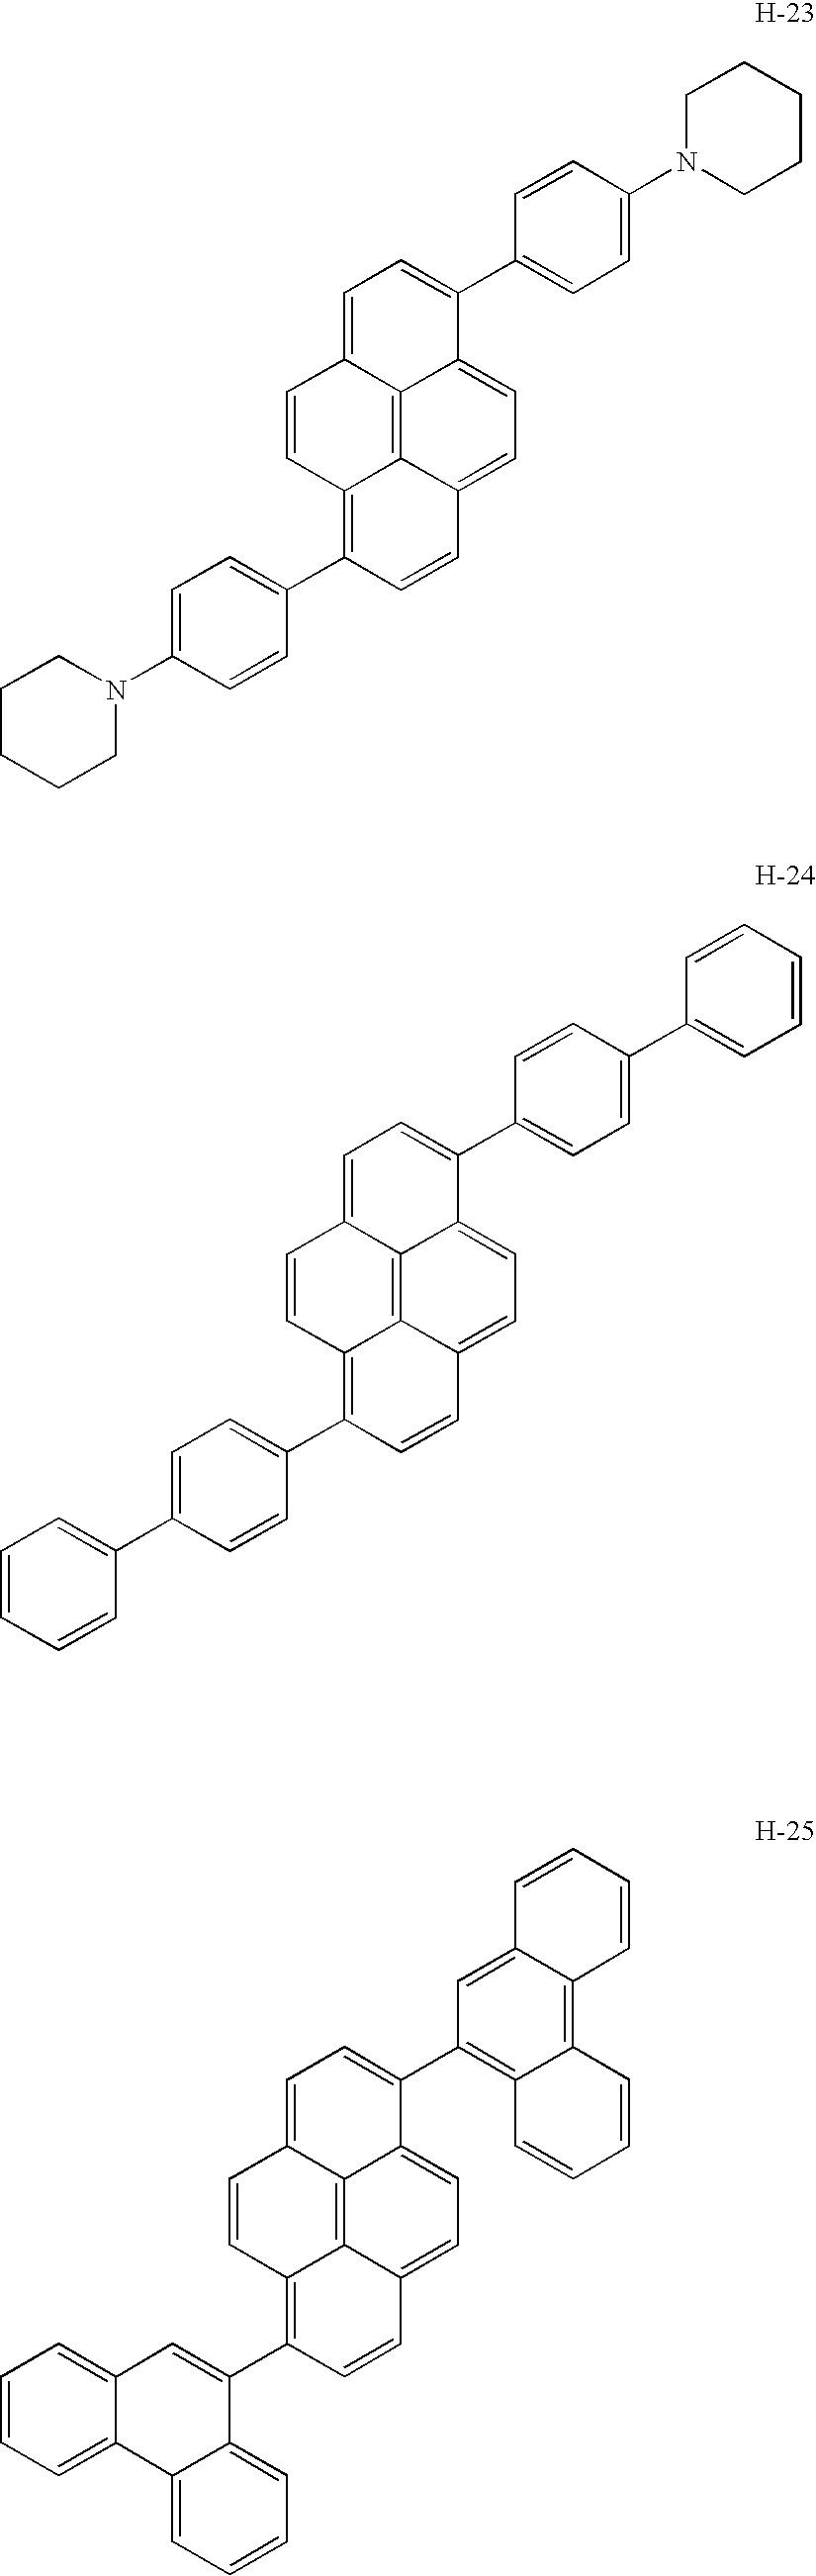 Figure US07651788-20100126-C00009